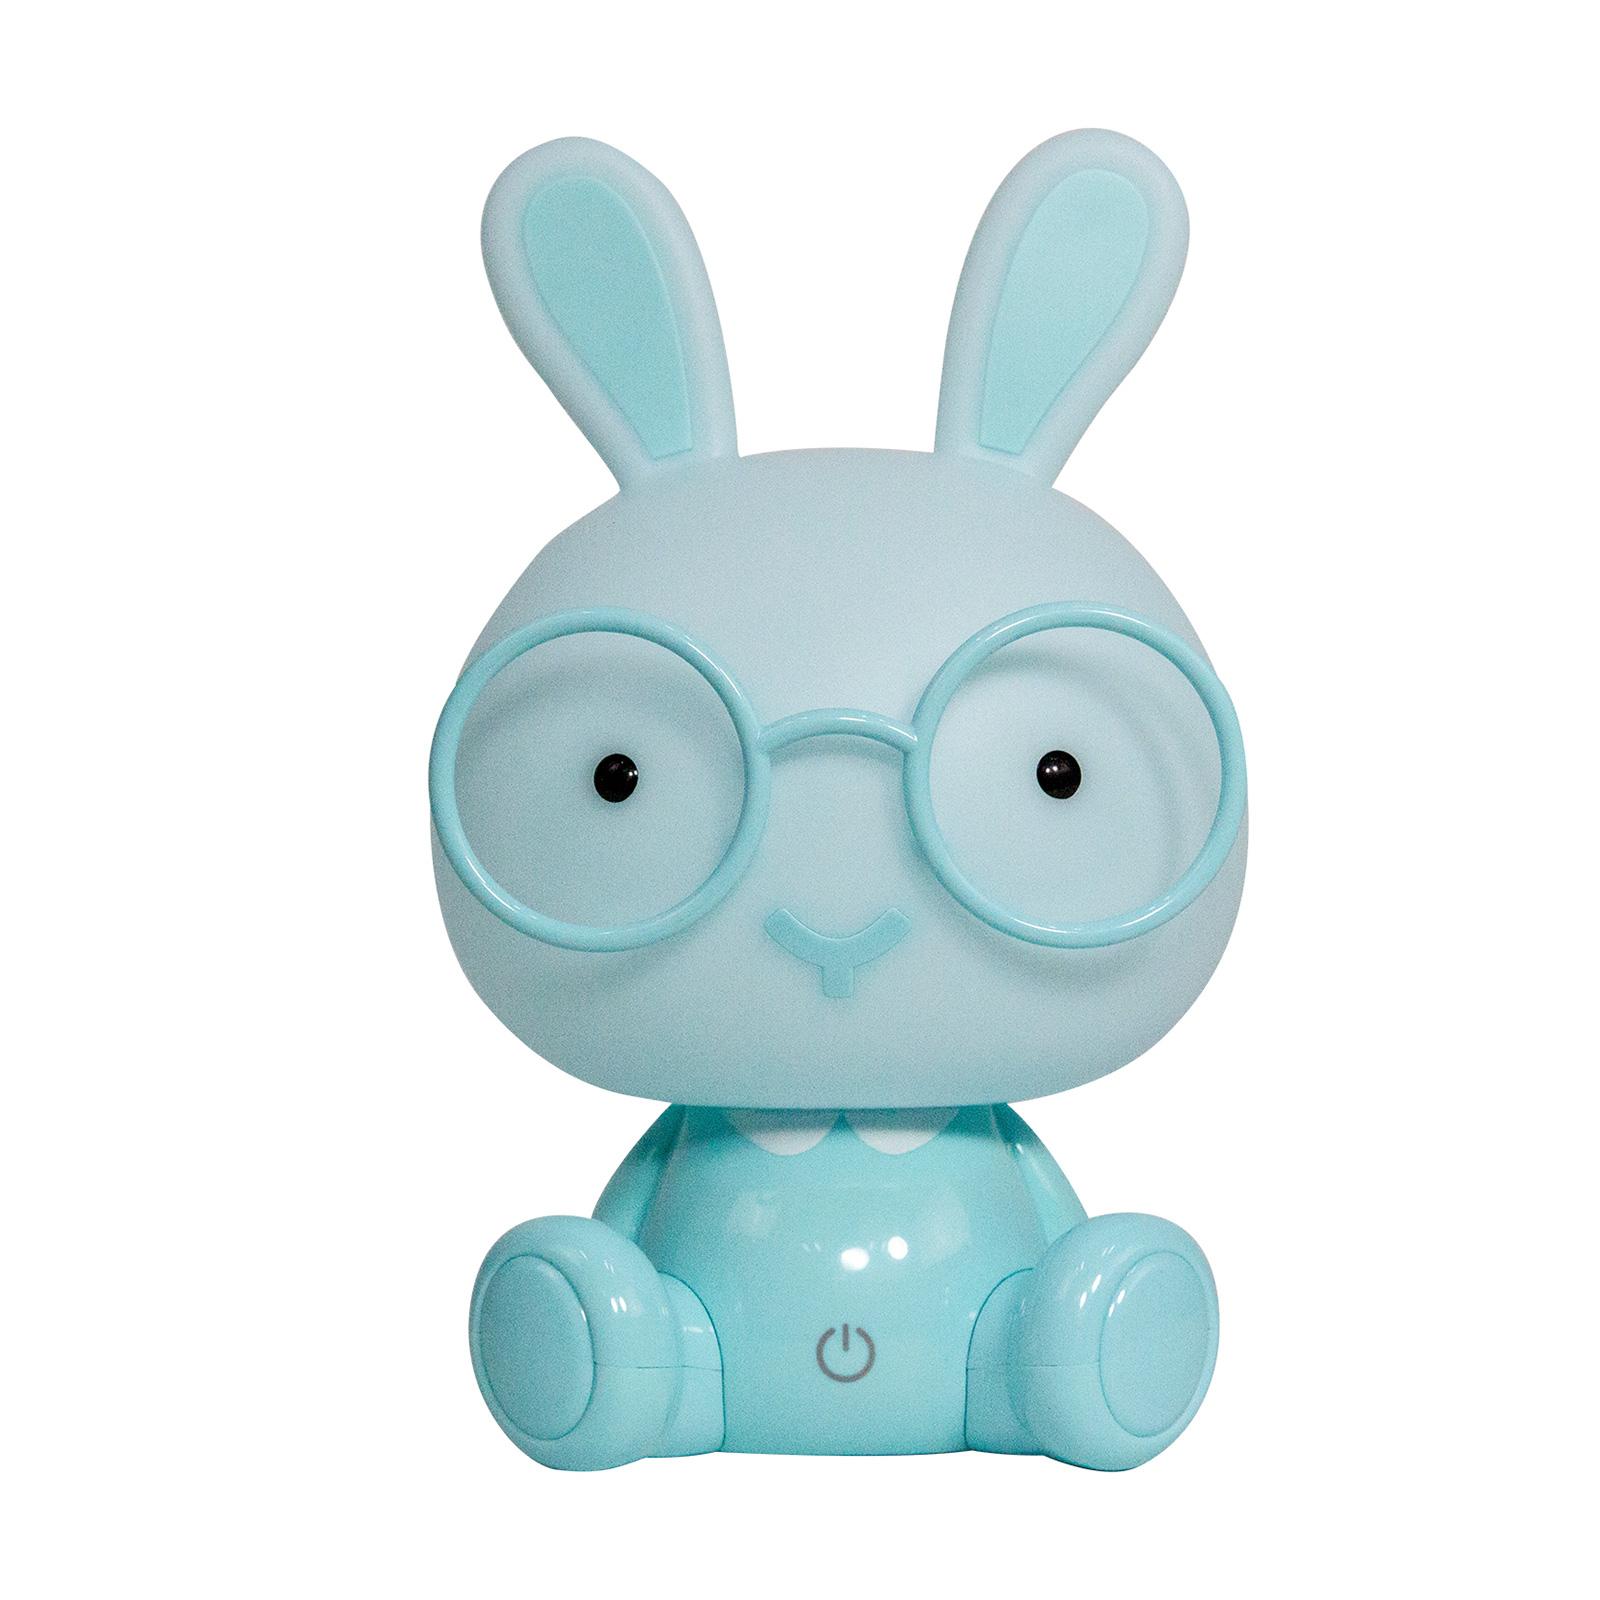 LED-bordslampa Bunny till barnrum, ljusblå